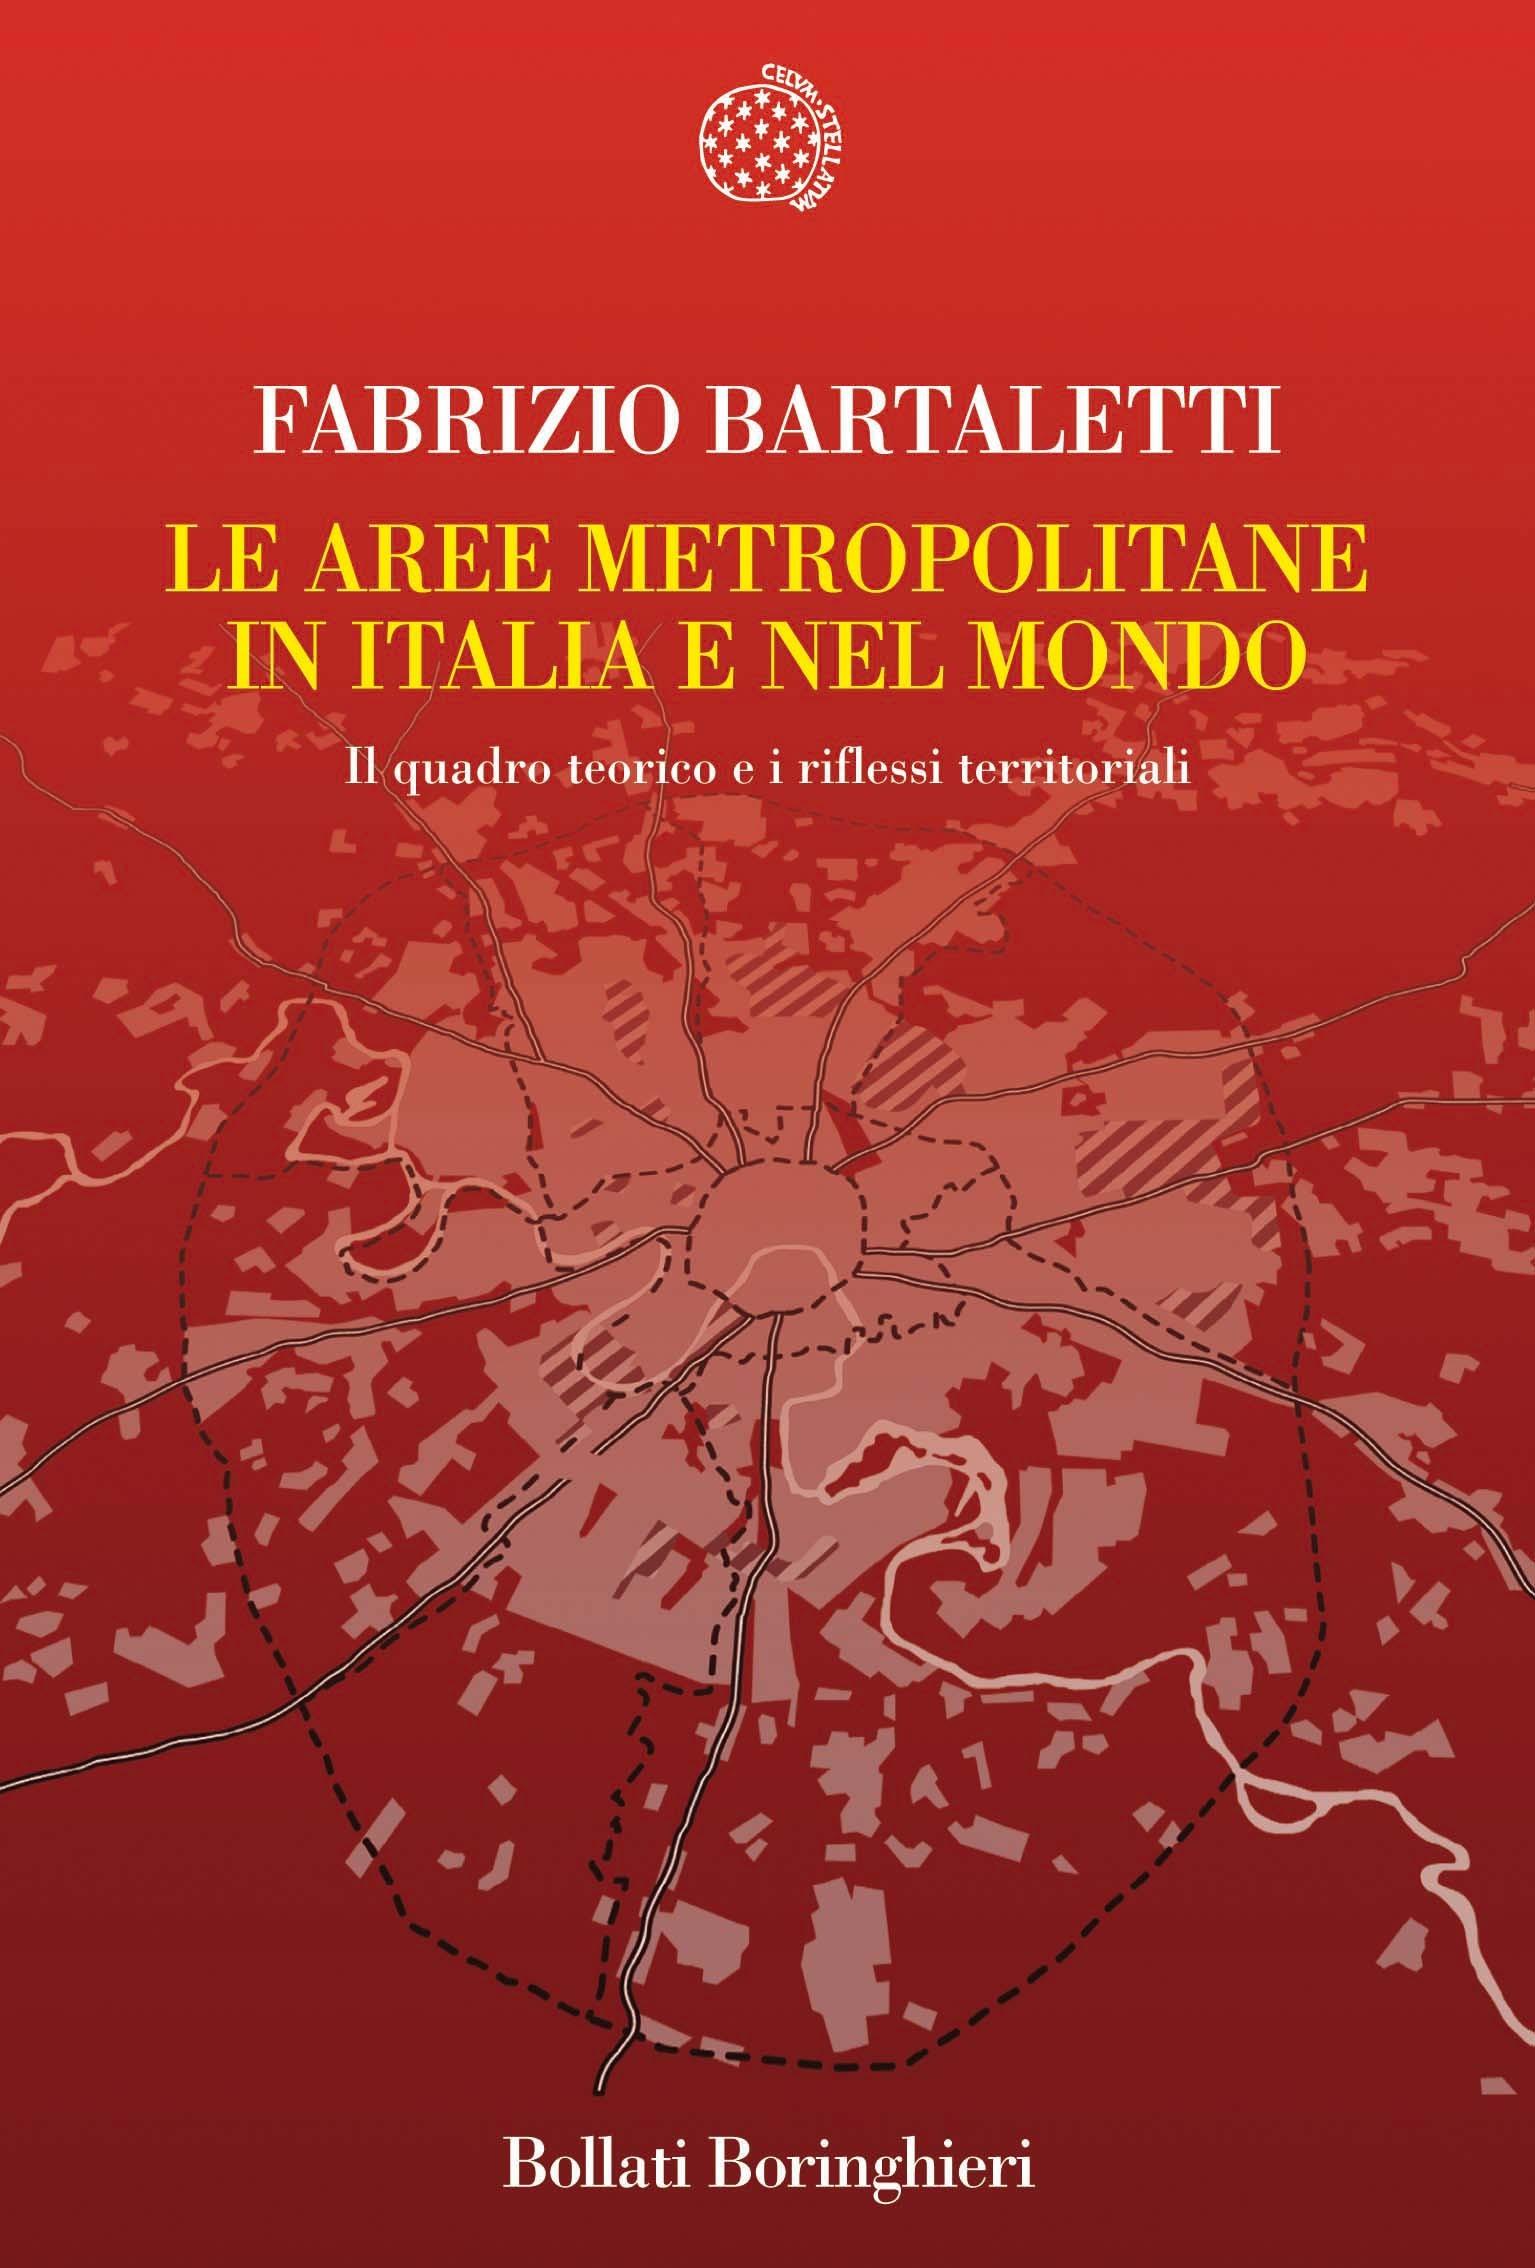 Image of (NUOVO o USATO) Le aree metropolitane in Italia e nel Mondo